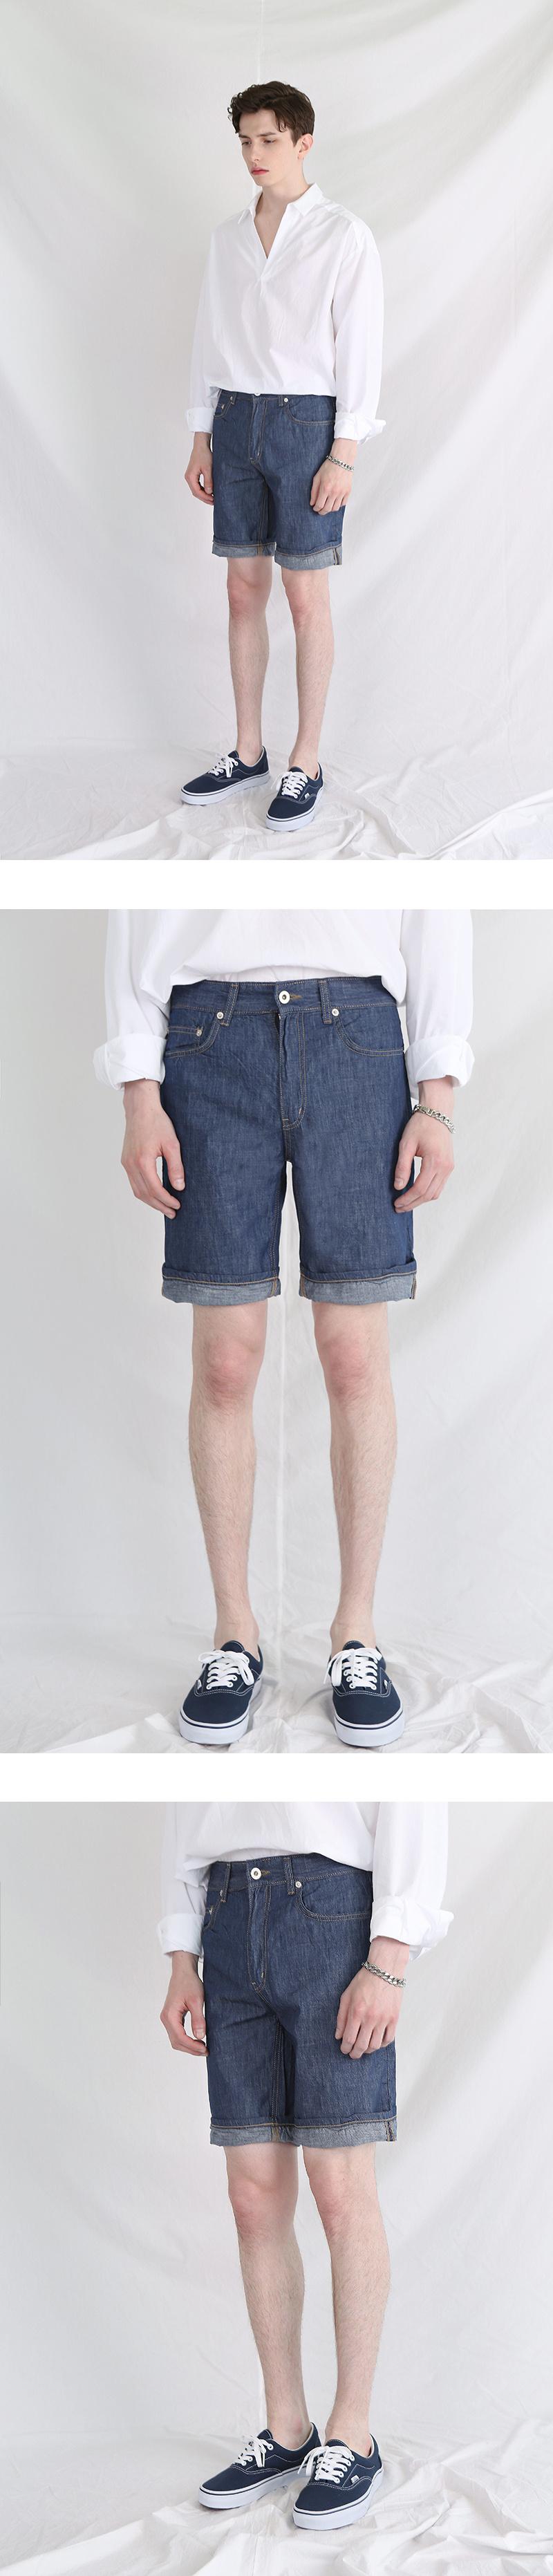 모디파이드(MODIFIED) M#0648 1/2 8oz denim pants